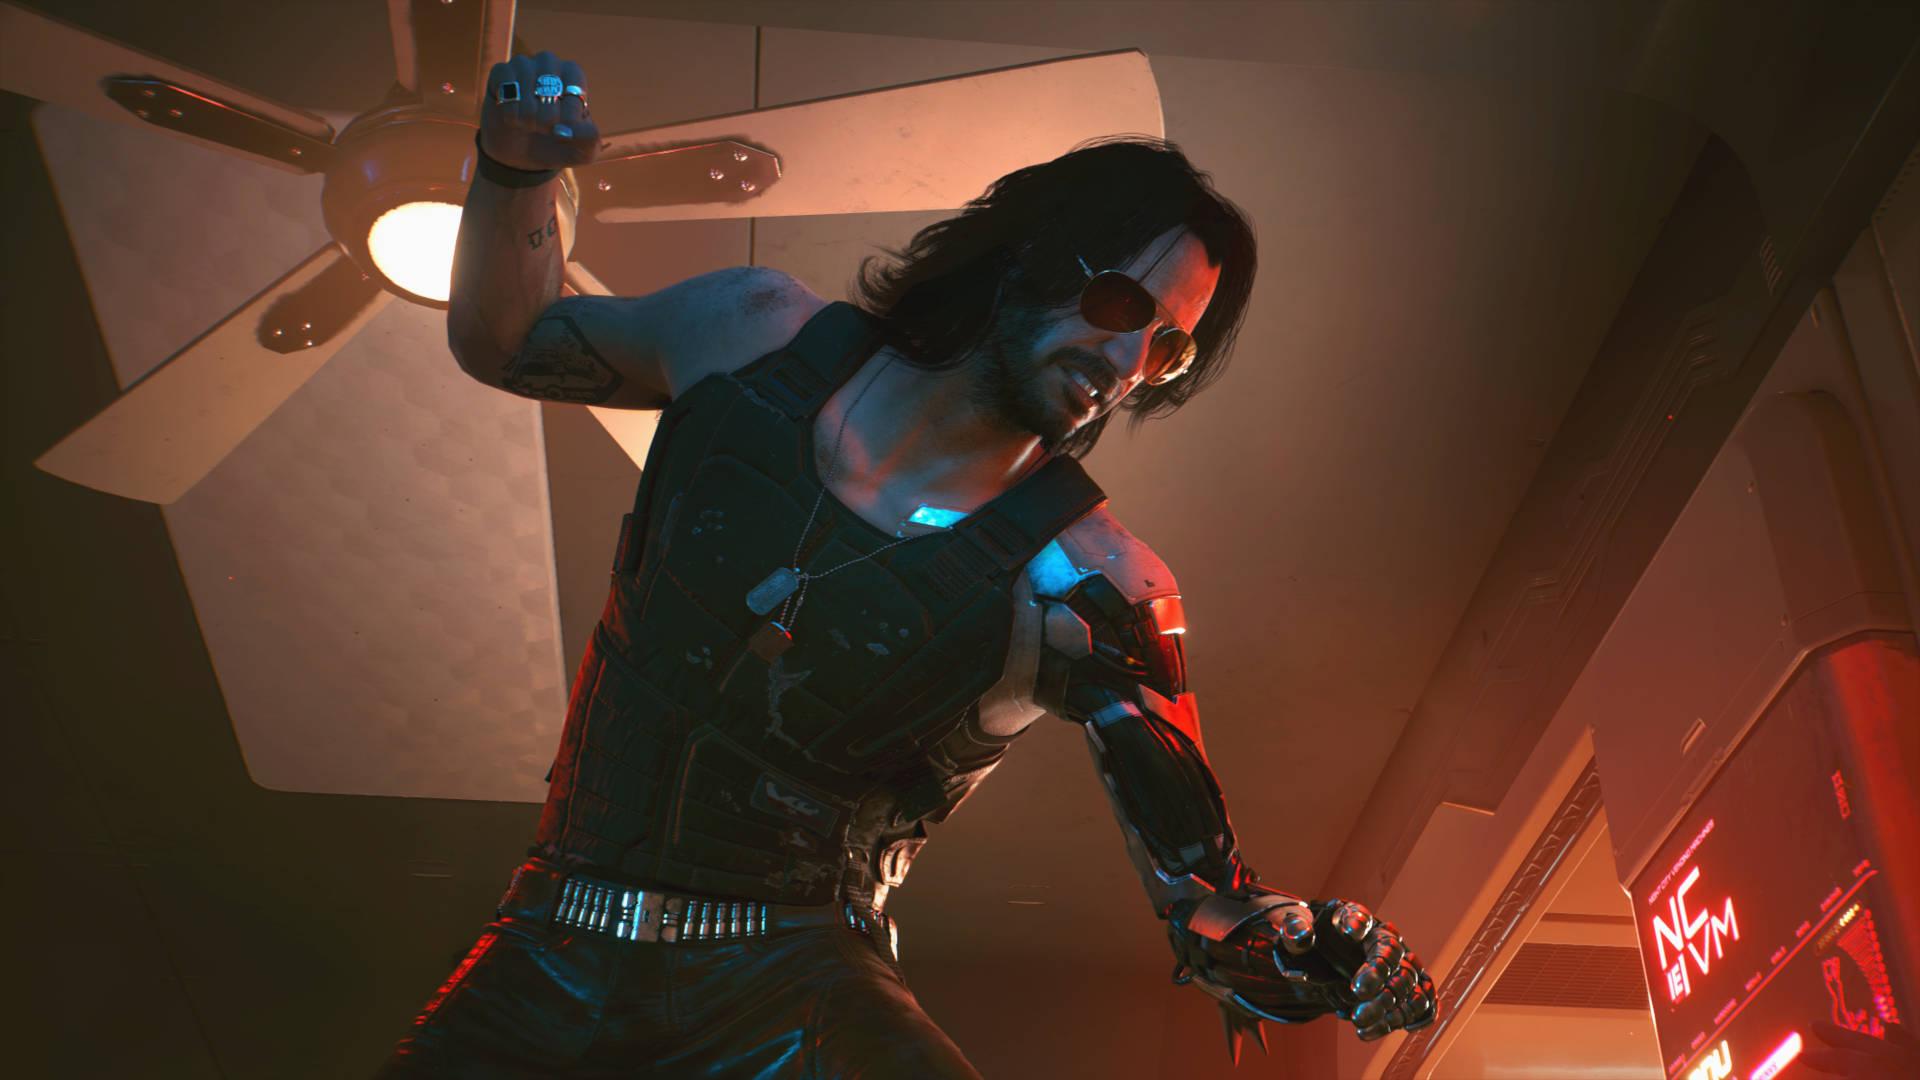 Еженедельный чарт Steam: Cyberpunk 2077 по-прежнему на первом месте